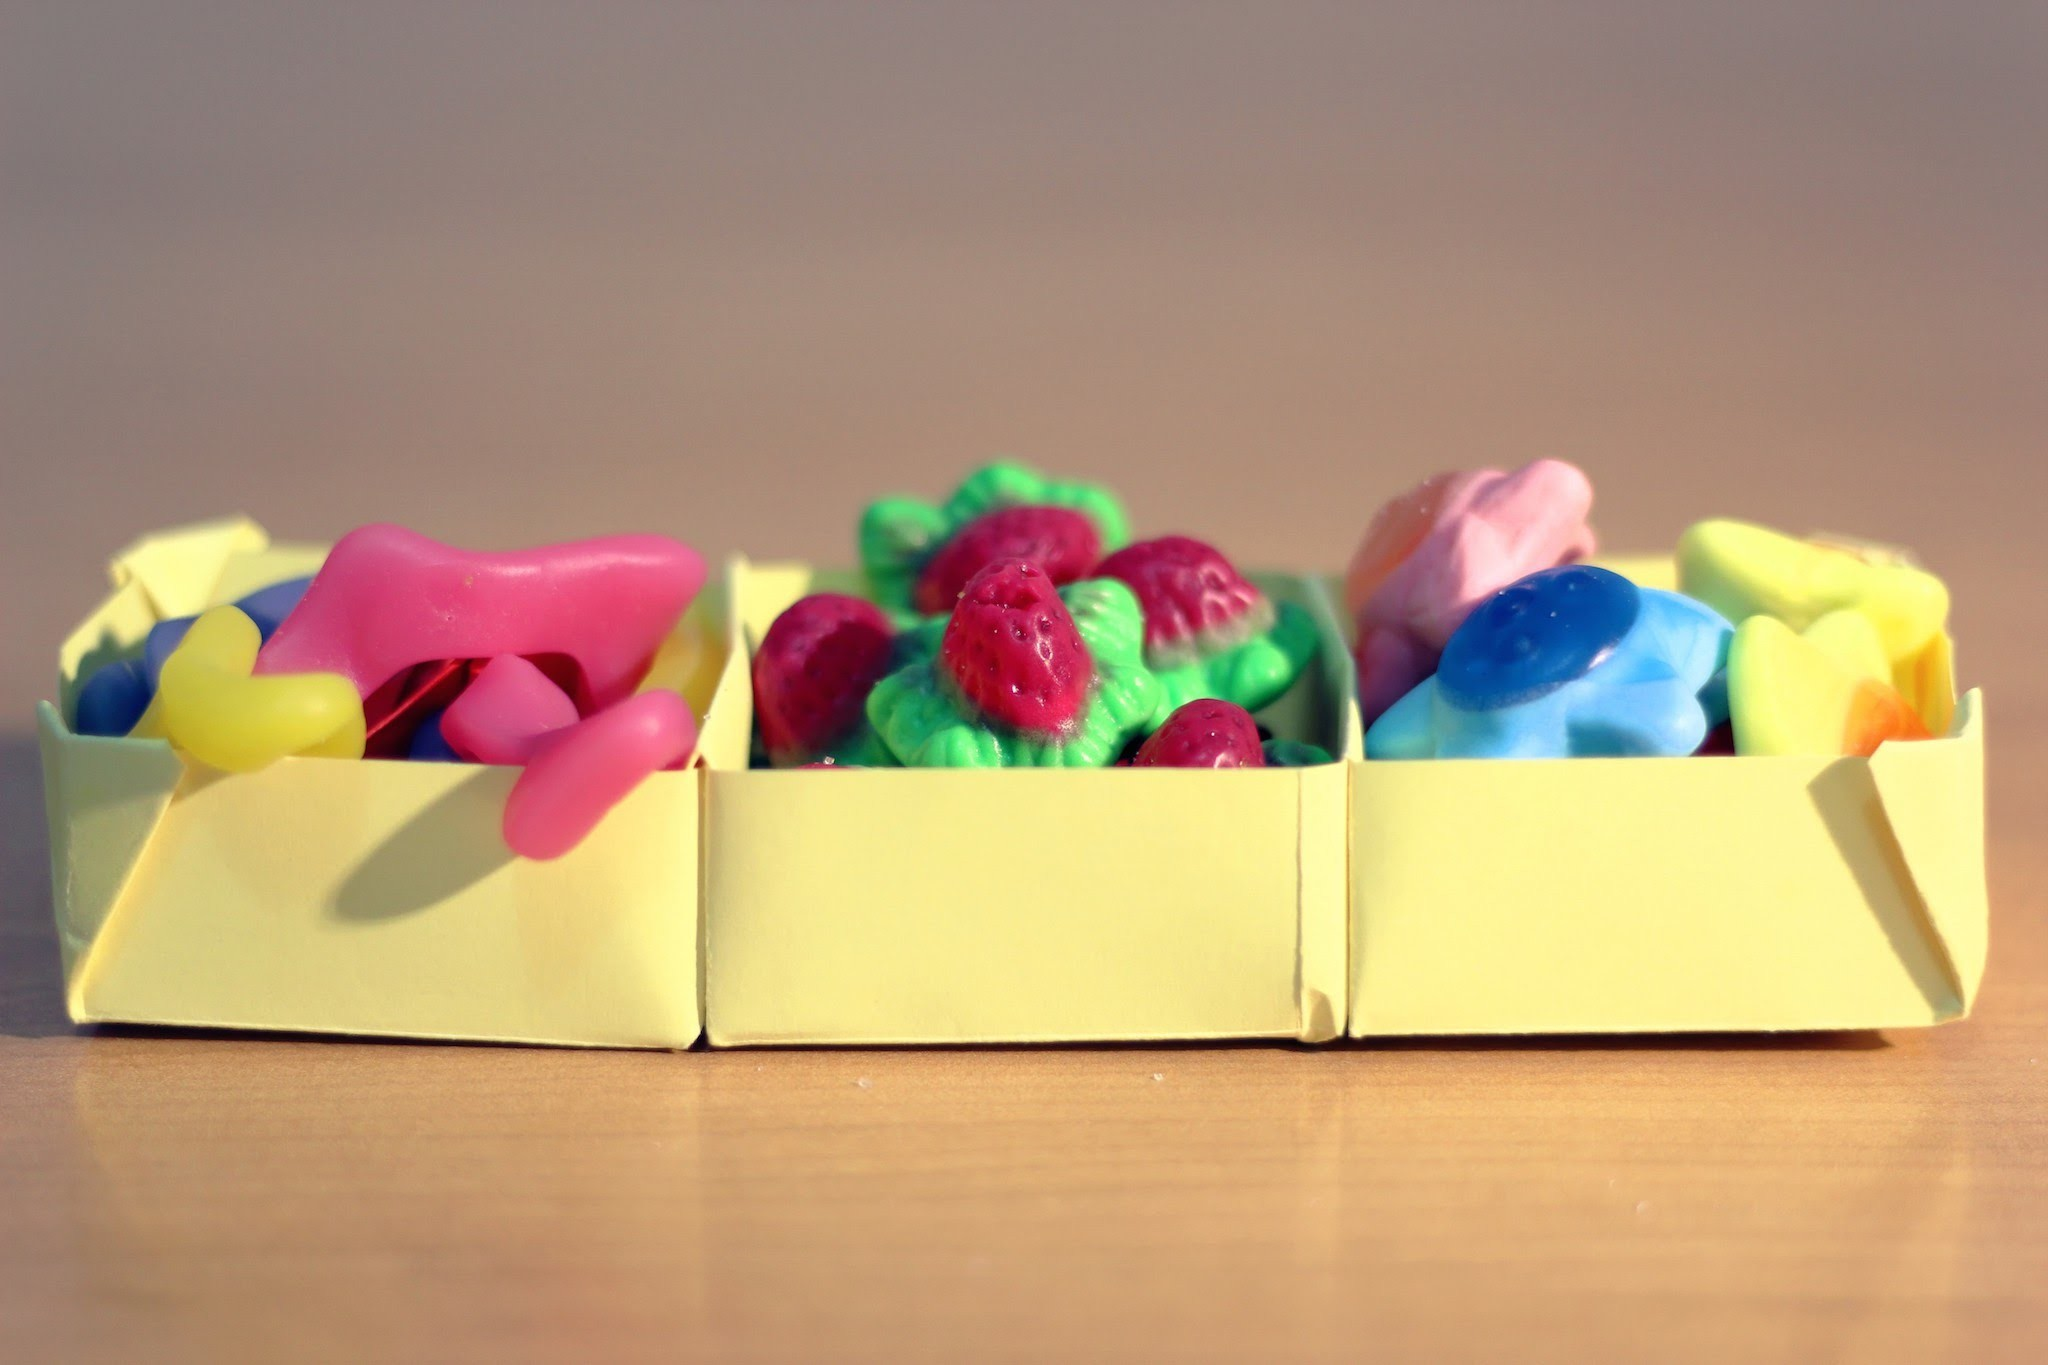 DIY ORIGAMI: How to make a paper box for organising - Cómo hacer una cajita organizadora de papel